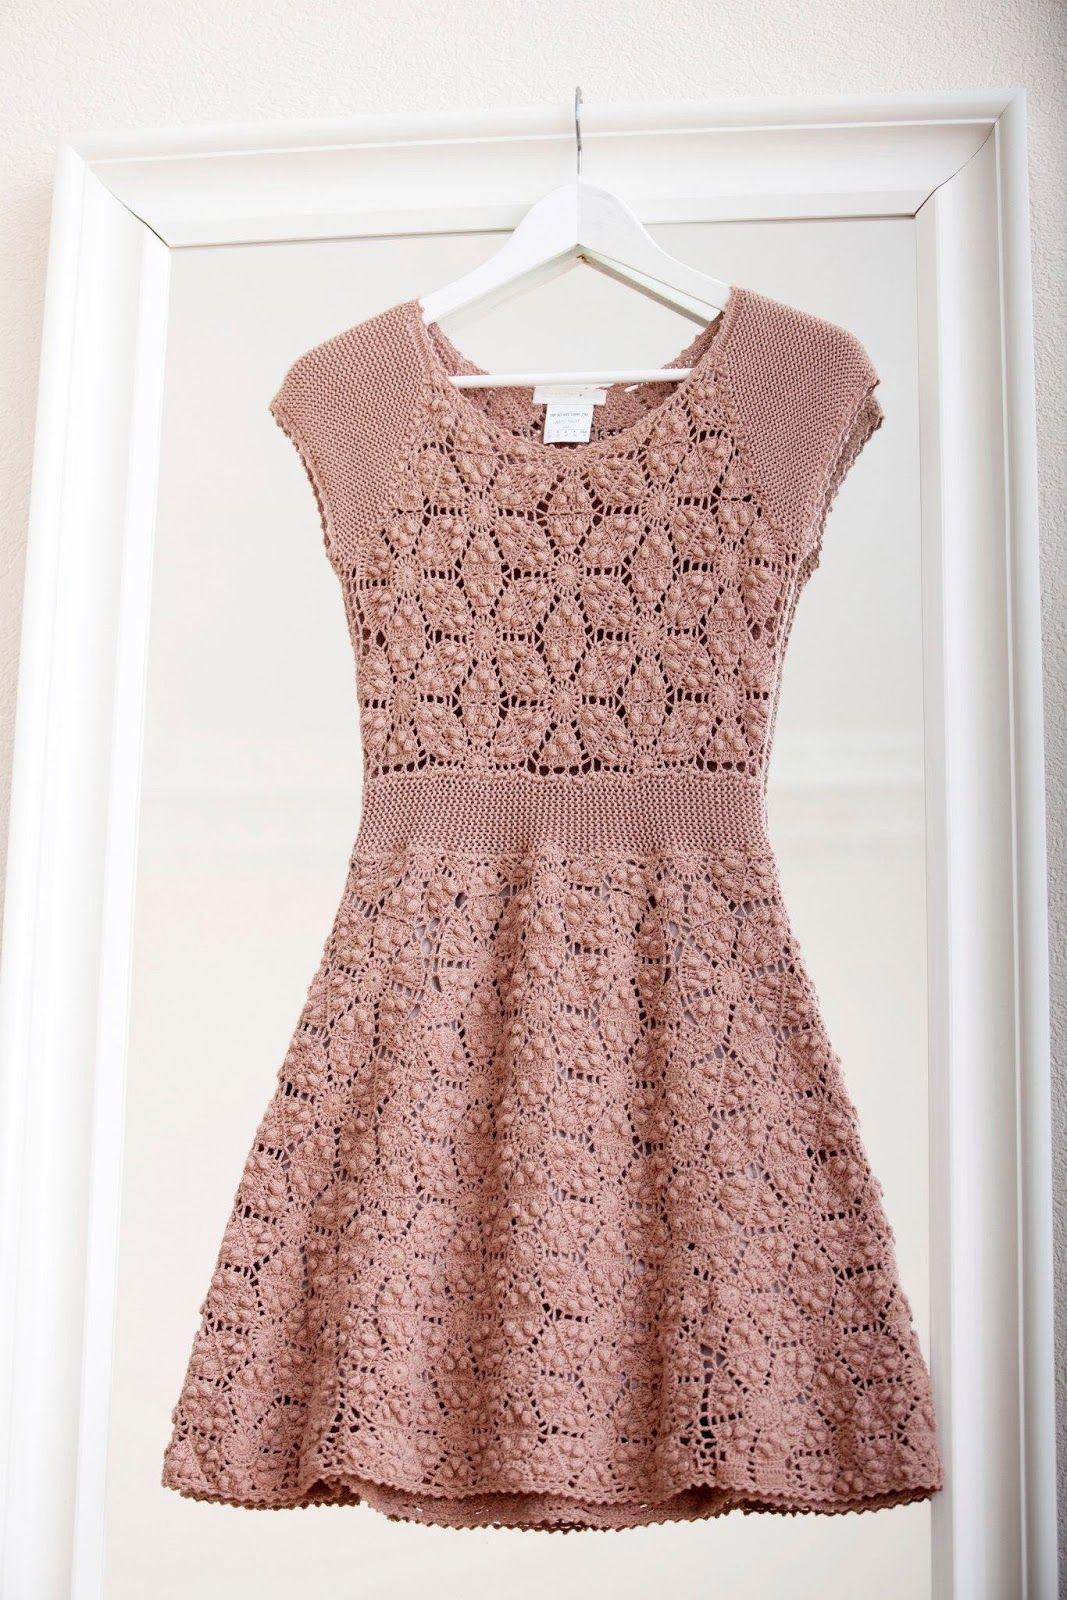 crochelinhasagulhas: Vestido rosa com square de pipoca em crochê ...